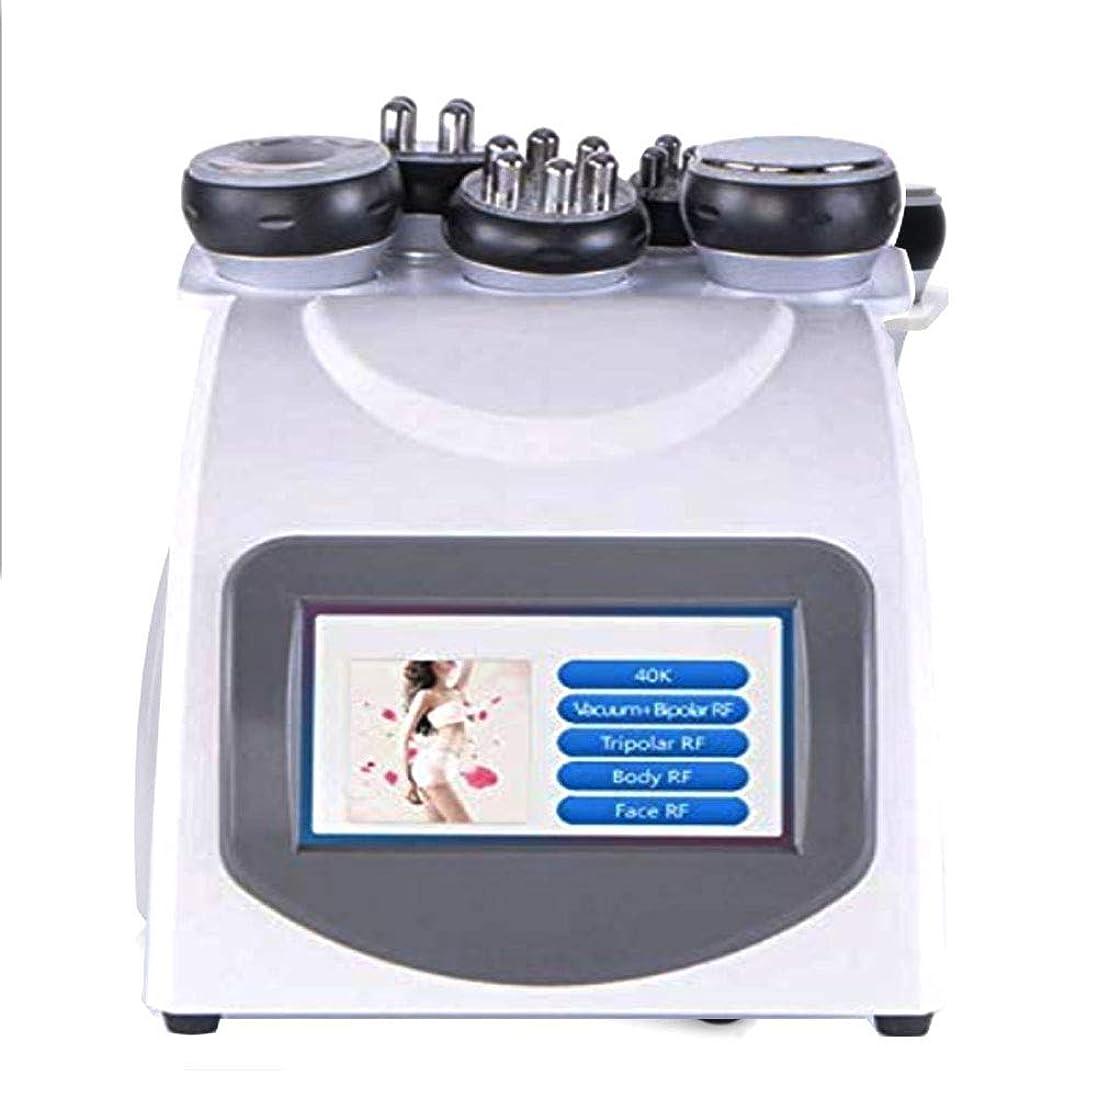 細い講義シビック減量の無線周波数機械、5イン1の超音波セルライトの脂肪質RFのキャビテーション装置、40k超音波真空の指圧は、セルライトの脂肪質の減少を減らします